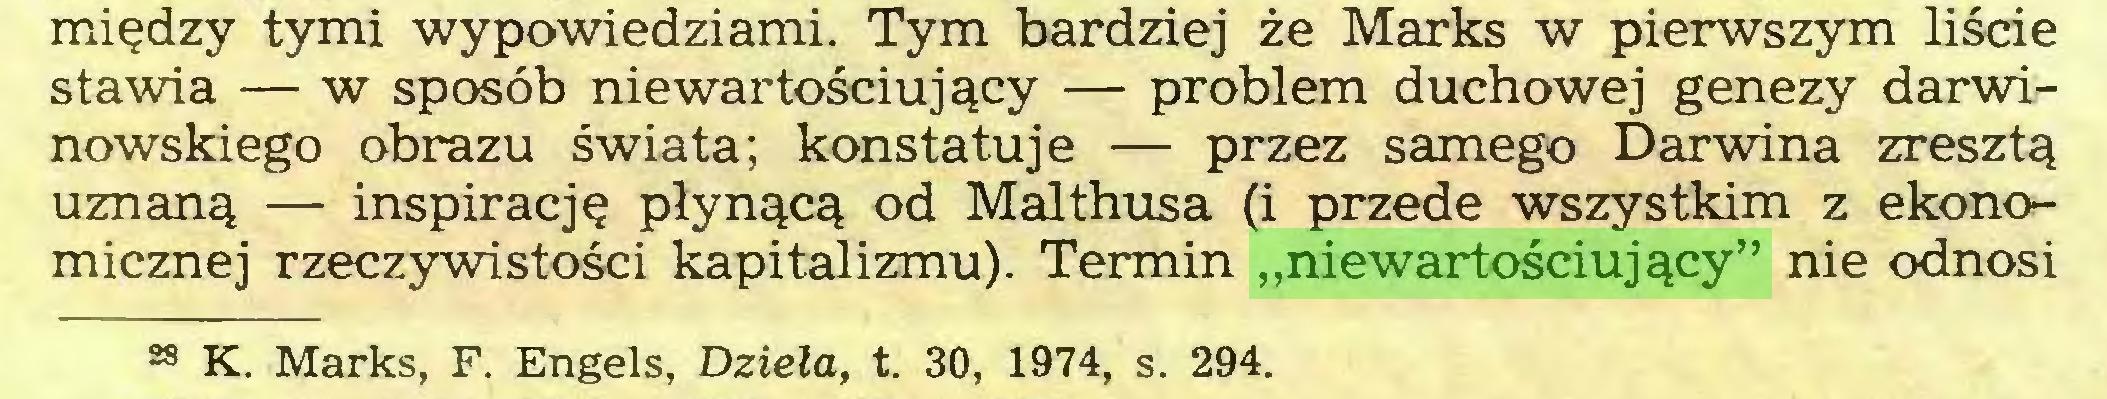 """(...) między tymi wypowiedziami. Tym bardziej że Marks w pierwszym liście stawia — w sposób nie wartościujący — problem duchowej genezy darwinowskiego obrazu świata; konstatuje — przez samego Darwina zresztą uznaną — inspirację płynącą od Malthusa (i przede wszystkim z ekonomicznej rzeczywistości kapitalizmu). Termin """"niewartościujący"""" nie odnosi 28 K. Marks, F. Engels, Dzieła, t. 30, 1974, s. 294..."""